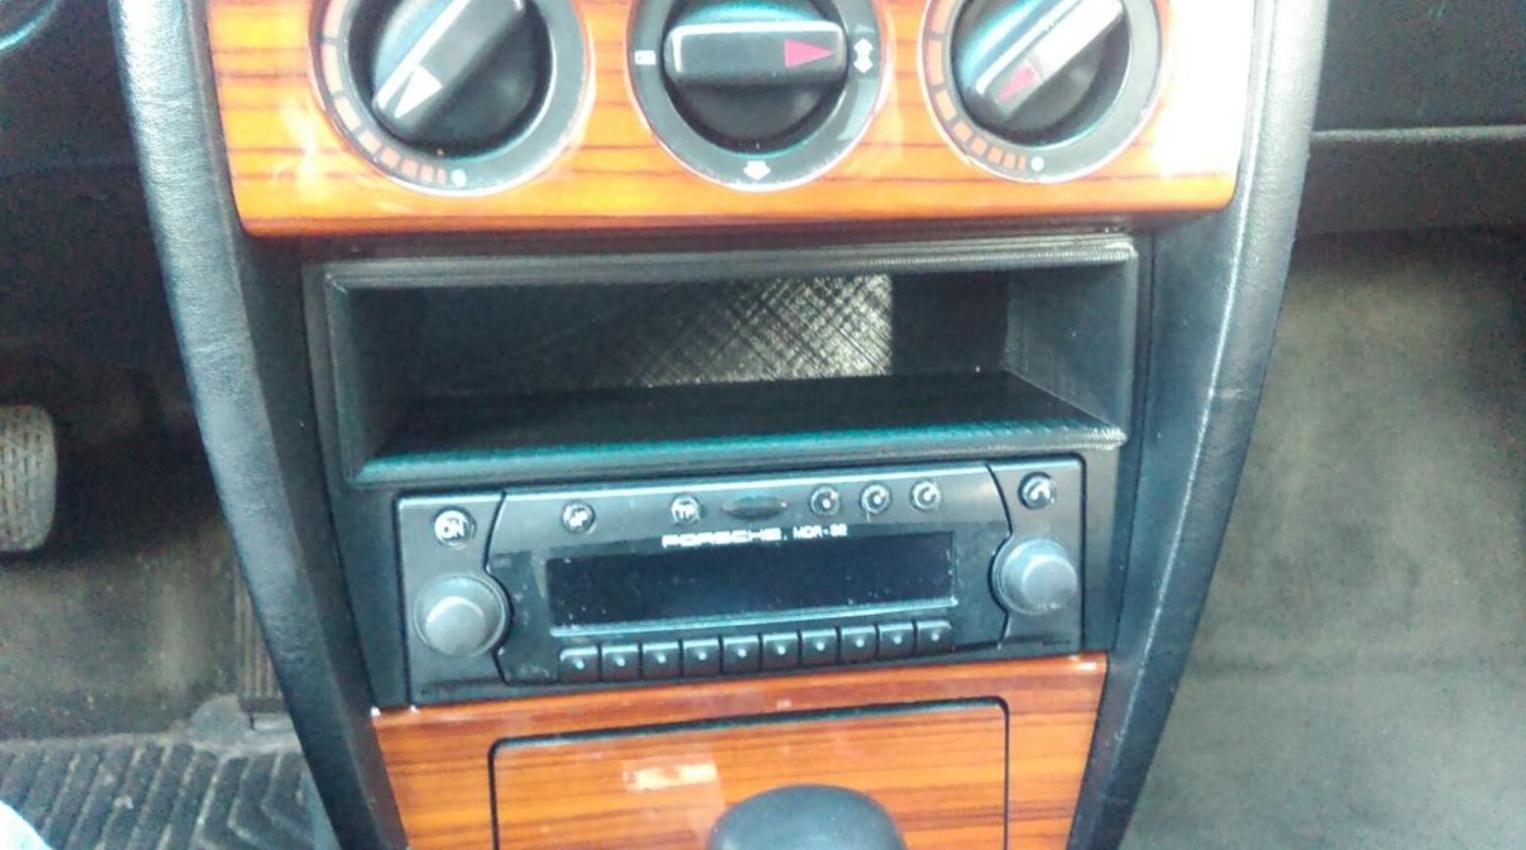 Capture d'écran 2017-09-19 à 10.59.07.png Download free STL file Mercedes casse deck switcher replacement box • 3D printing template, MaterialsToBuils3D